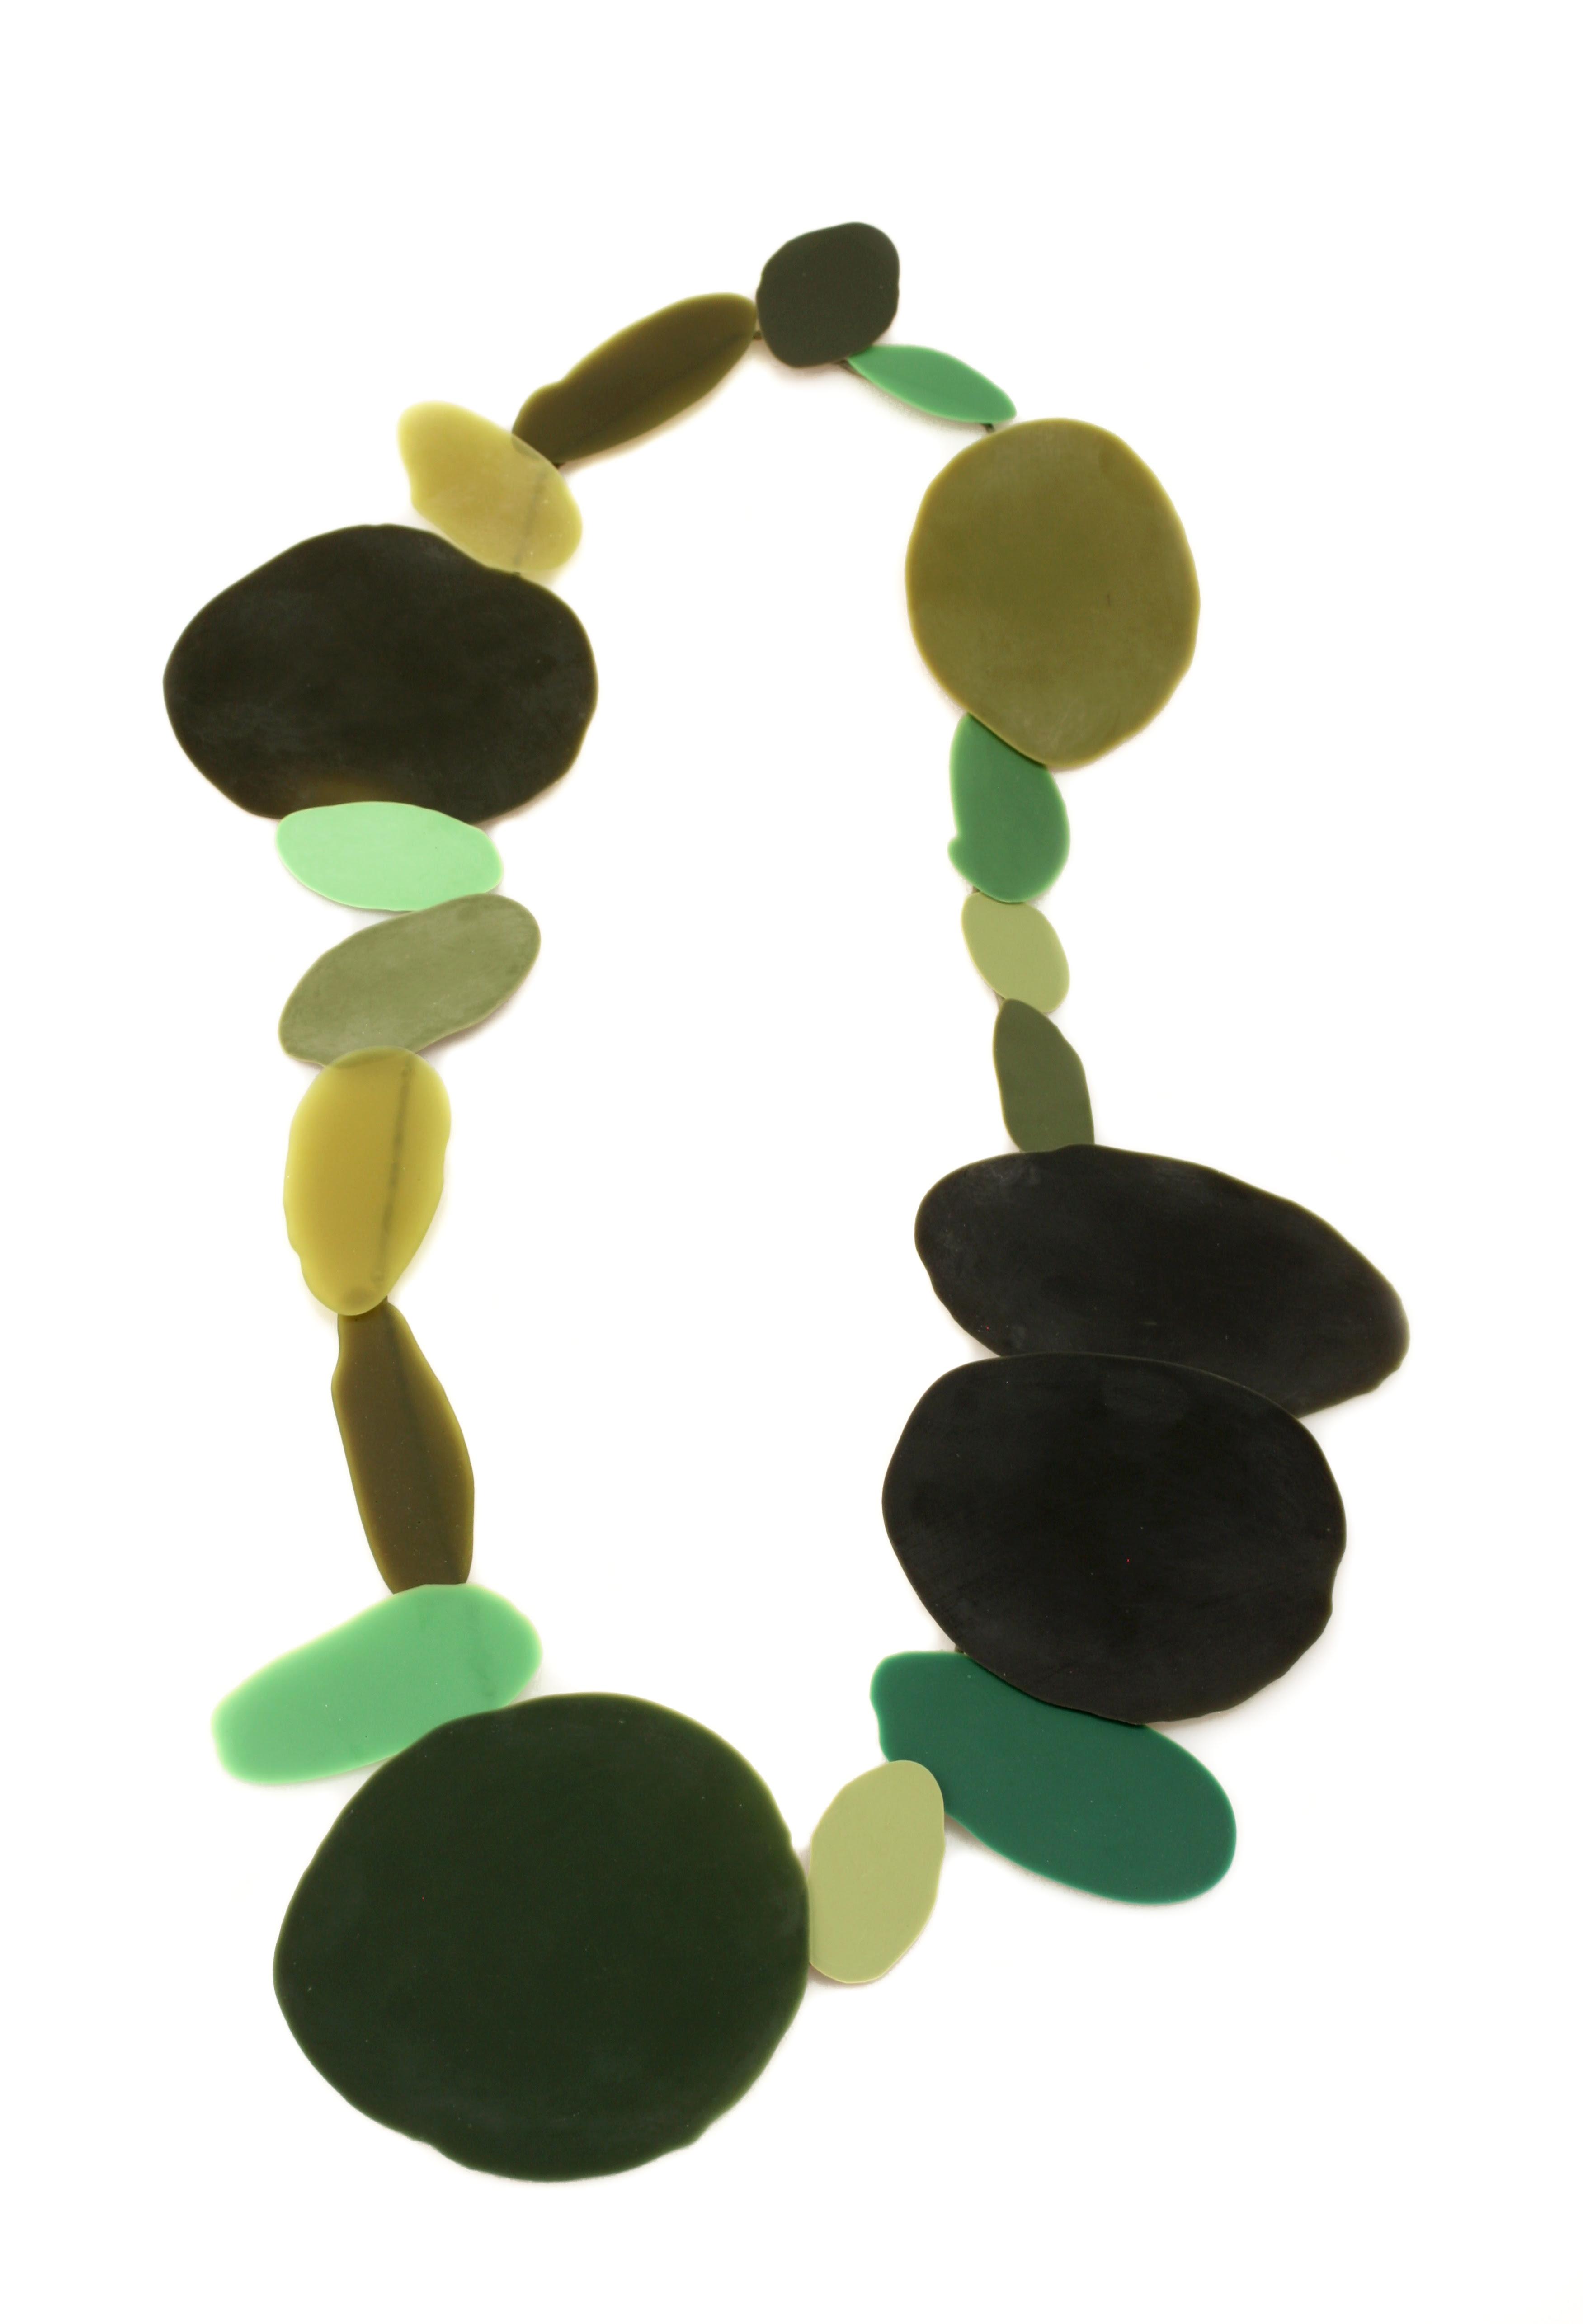 Ela Bauer, halssieraad, 2020, kunsthars, jade, pigment